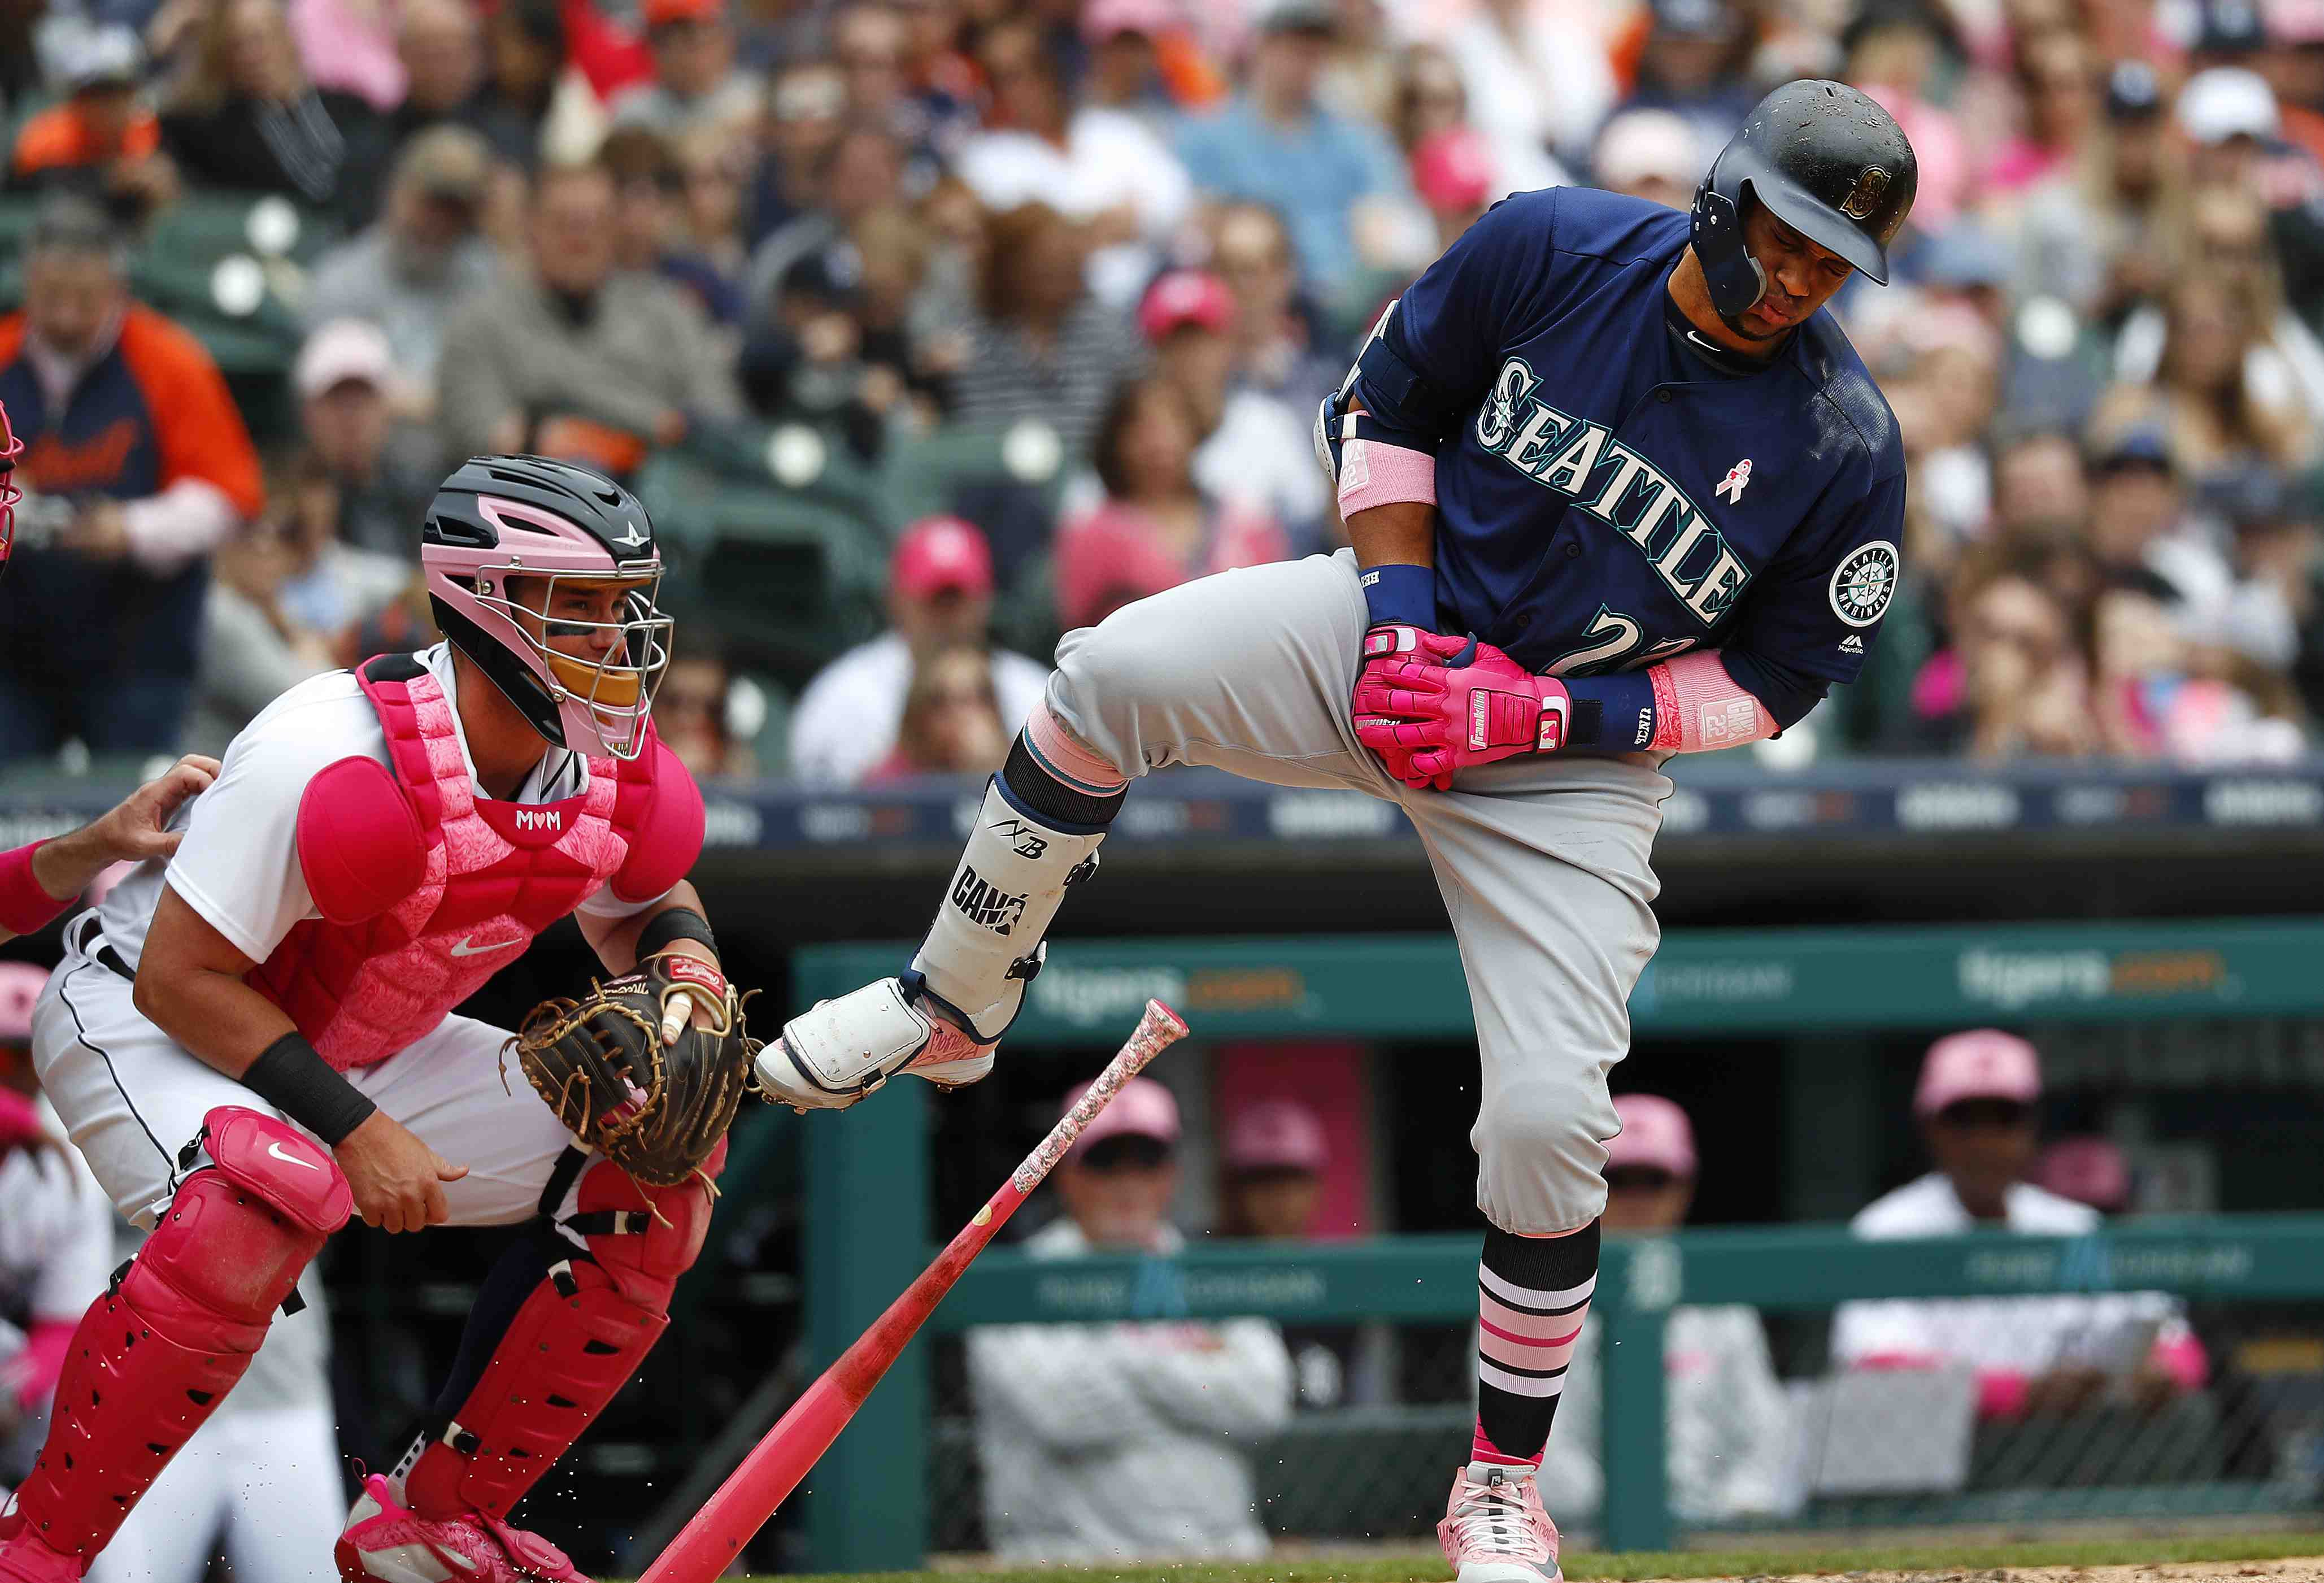 Dominicano estelar de la MLB es suspendido por dopaje